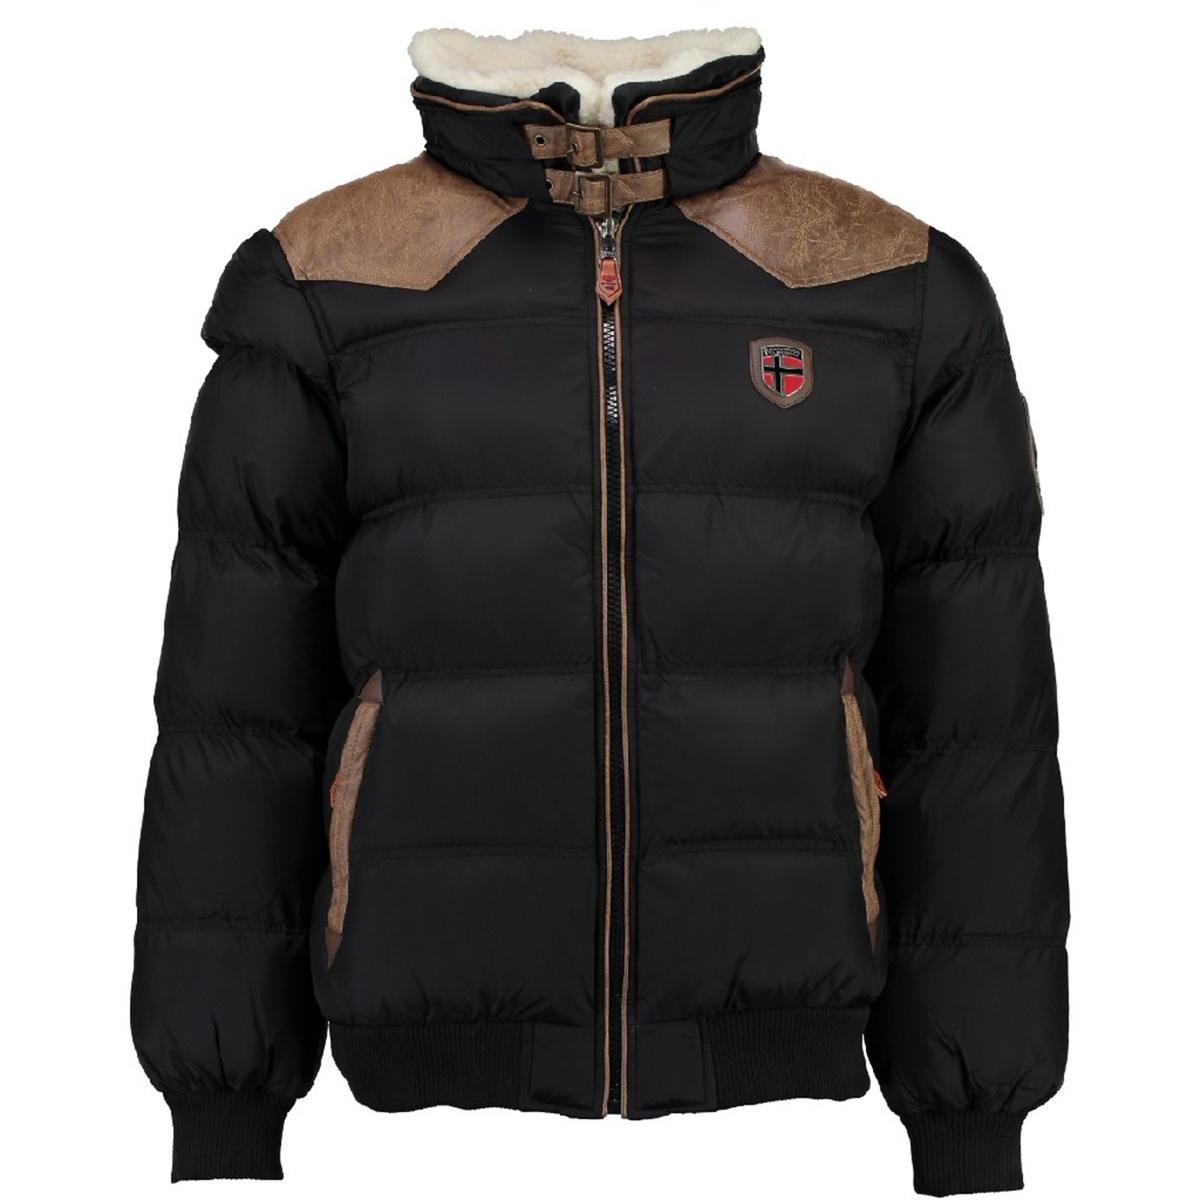 Куртка стеганаяДетали •  Длина : укороченная   •  Капюшон  •  Застежка на молниюСостав и уход •  100% полиамид  •  Следуйте советам по уходу, указанным на этикетке<br><br>Цвет: черный<br>Размер: S